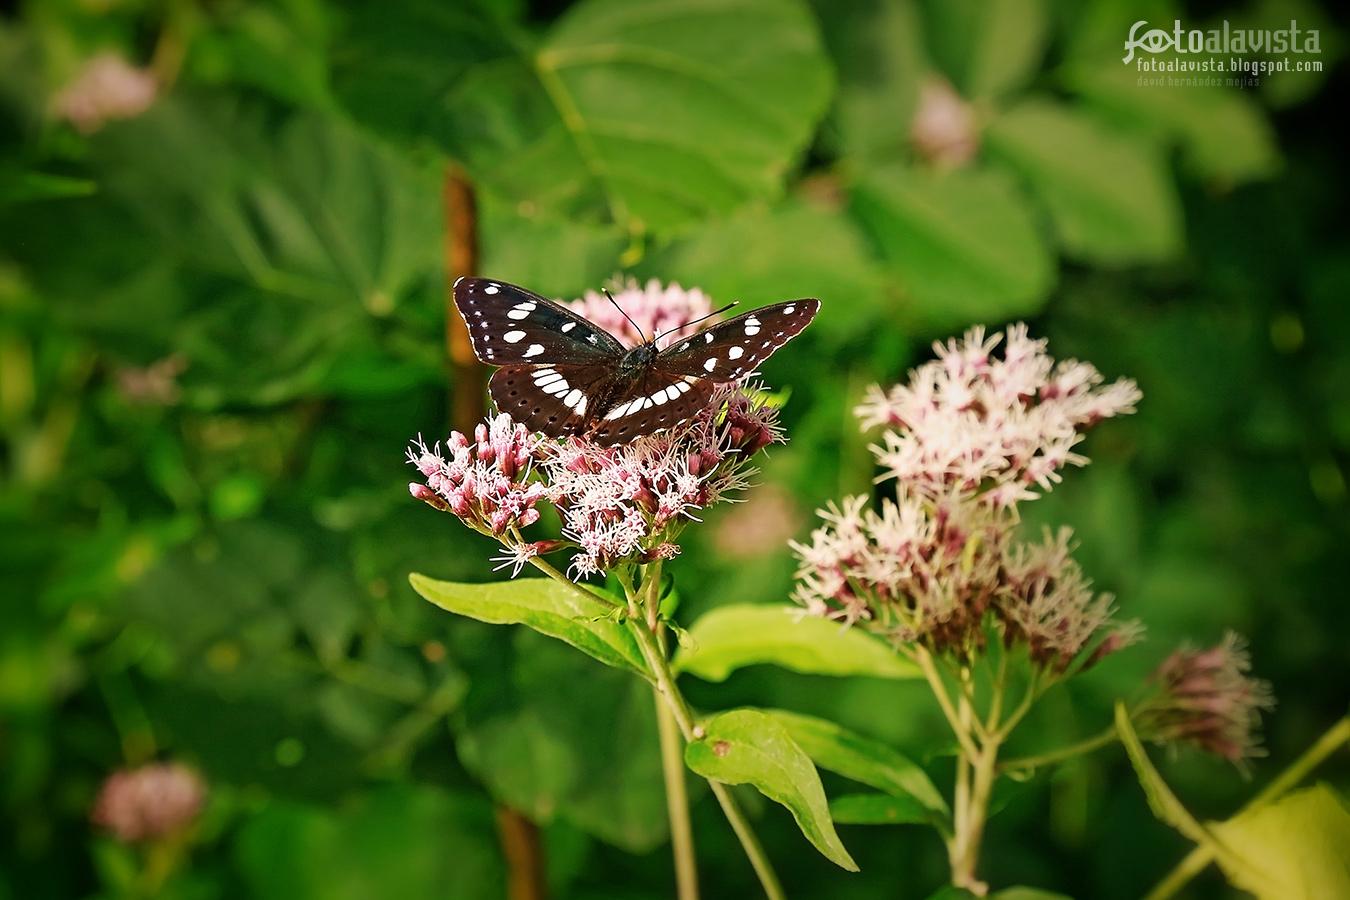 La bella negra mariposa - Fotografía